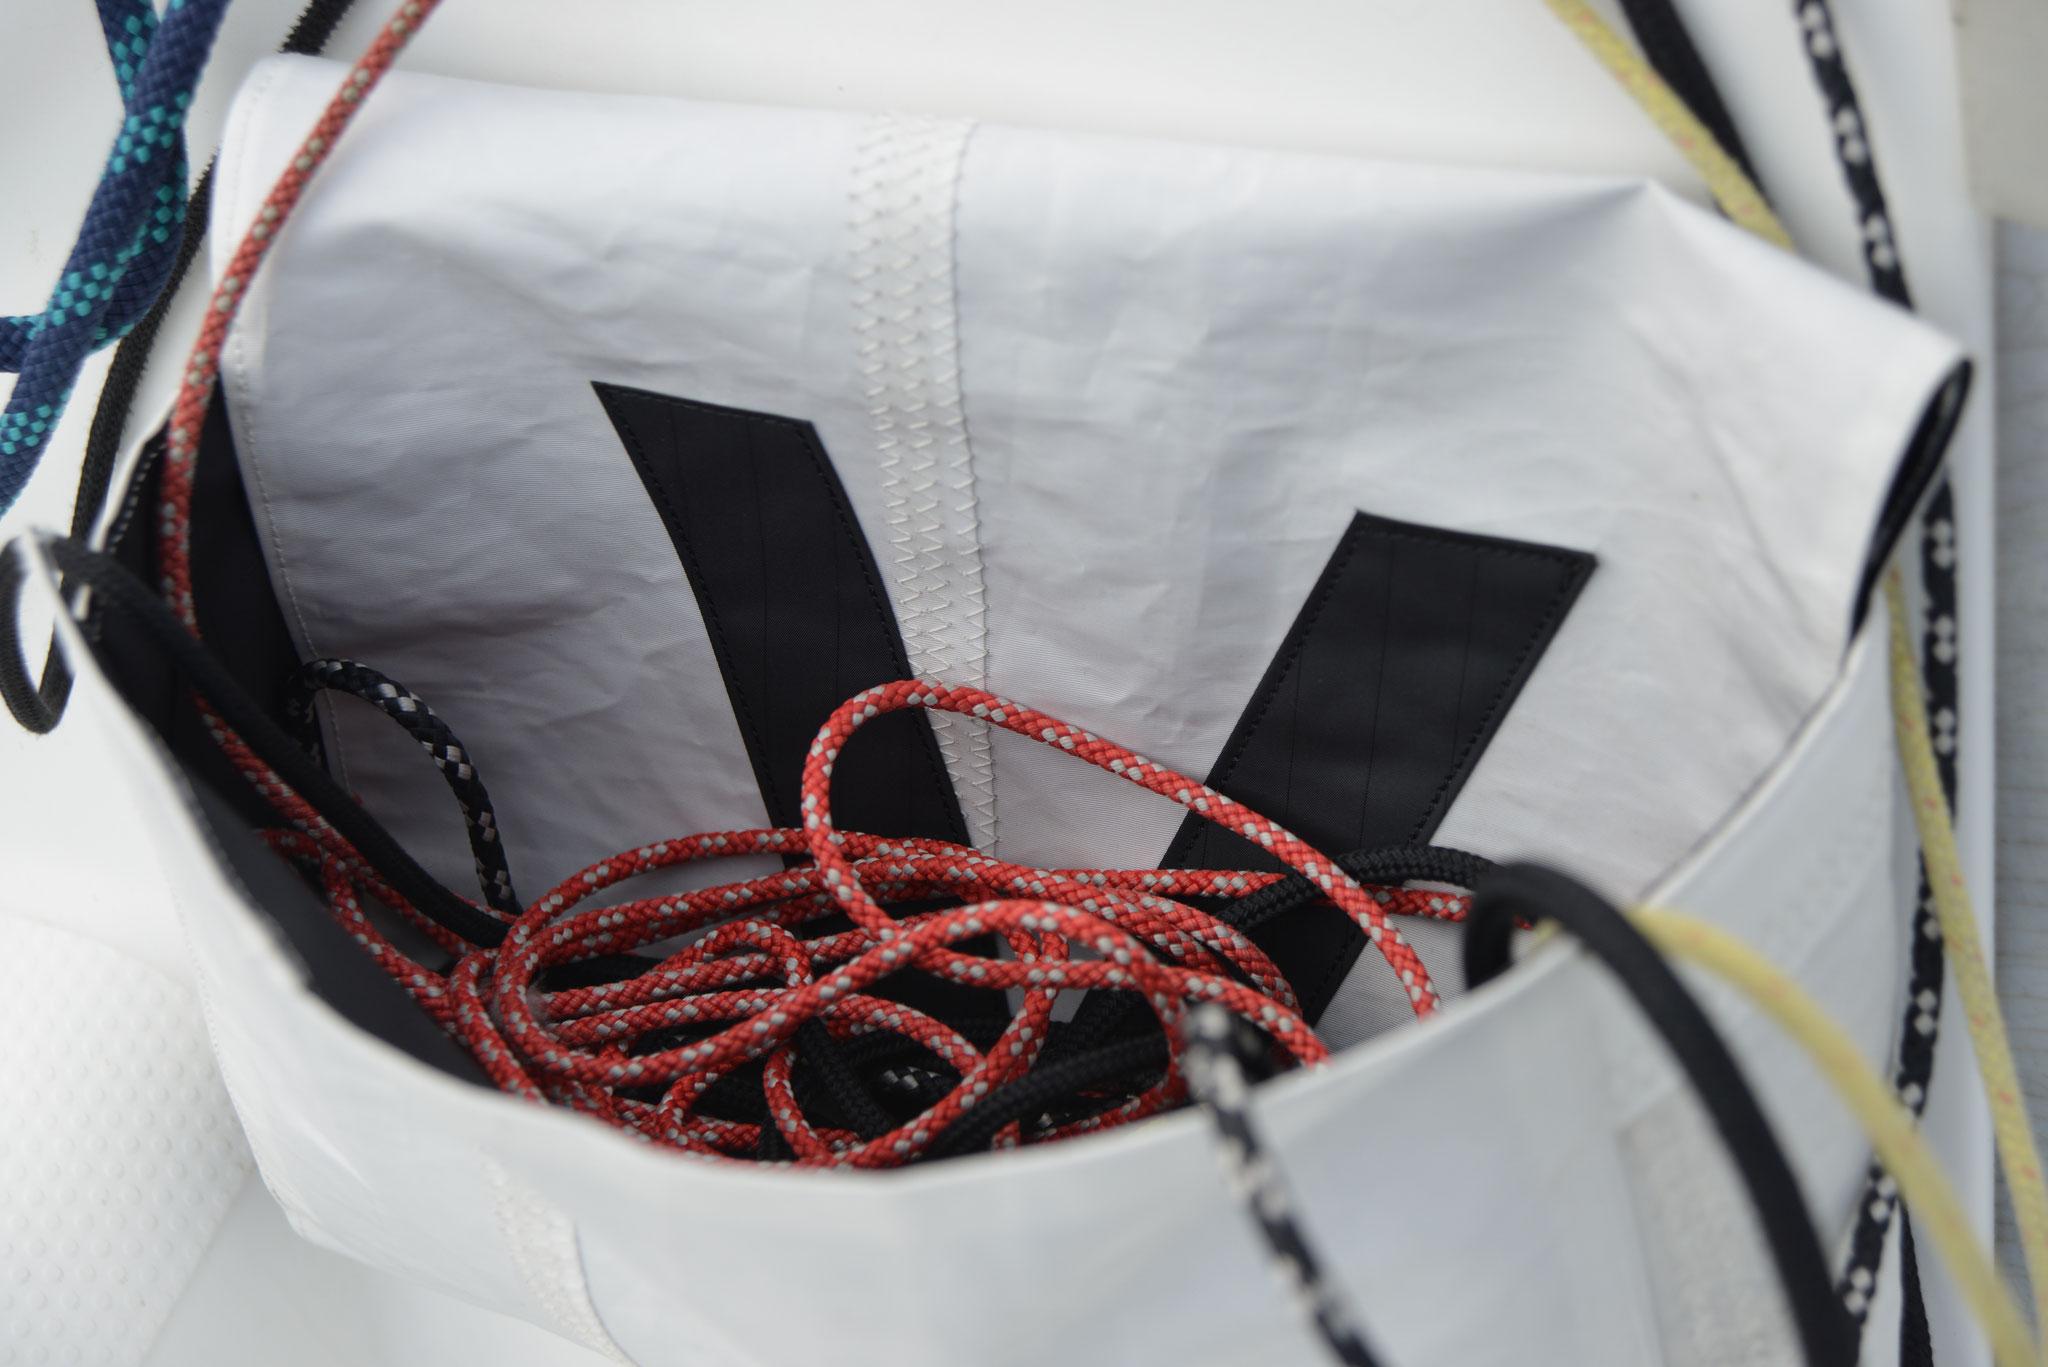 die Tasche kann offen und geschlossen genutzt werden - die Lasche wird einfach nach innen geklappt